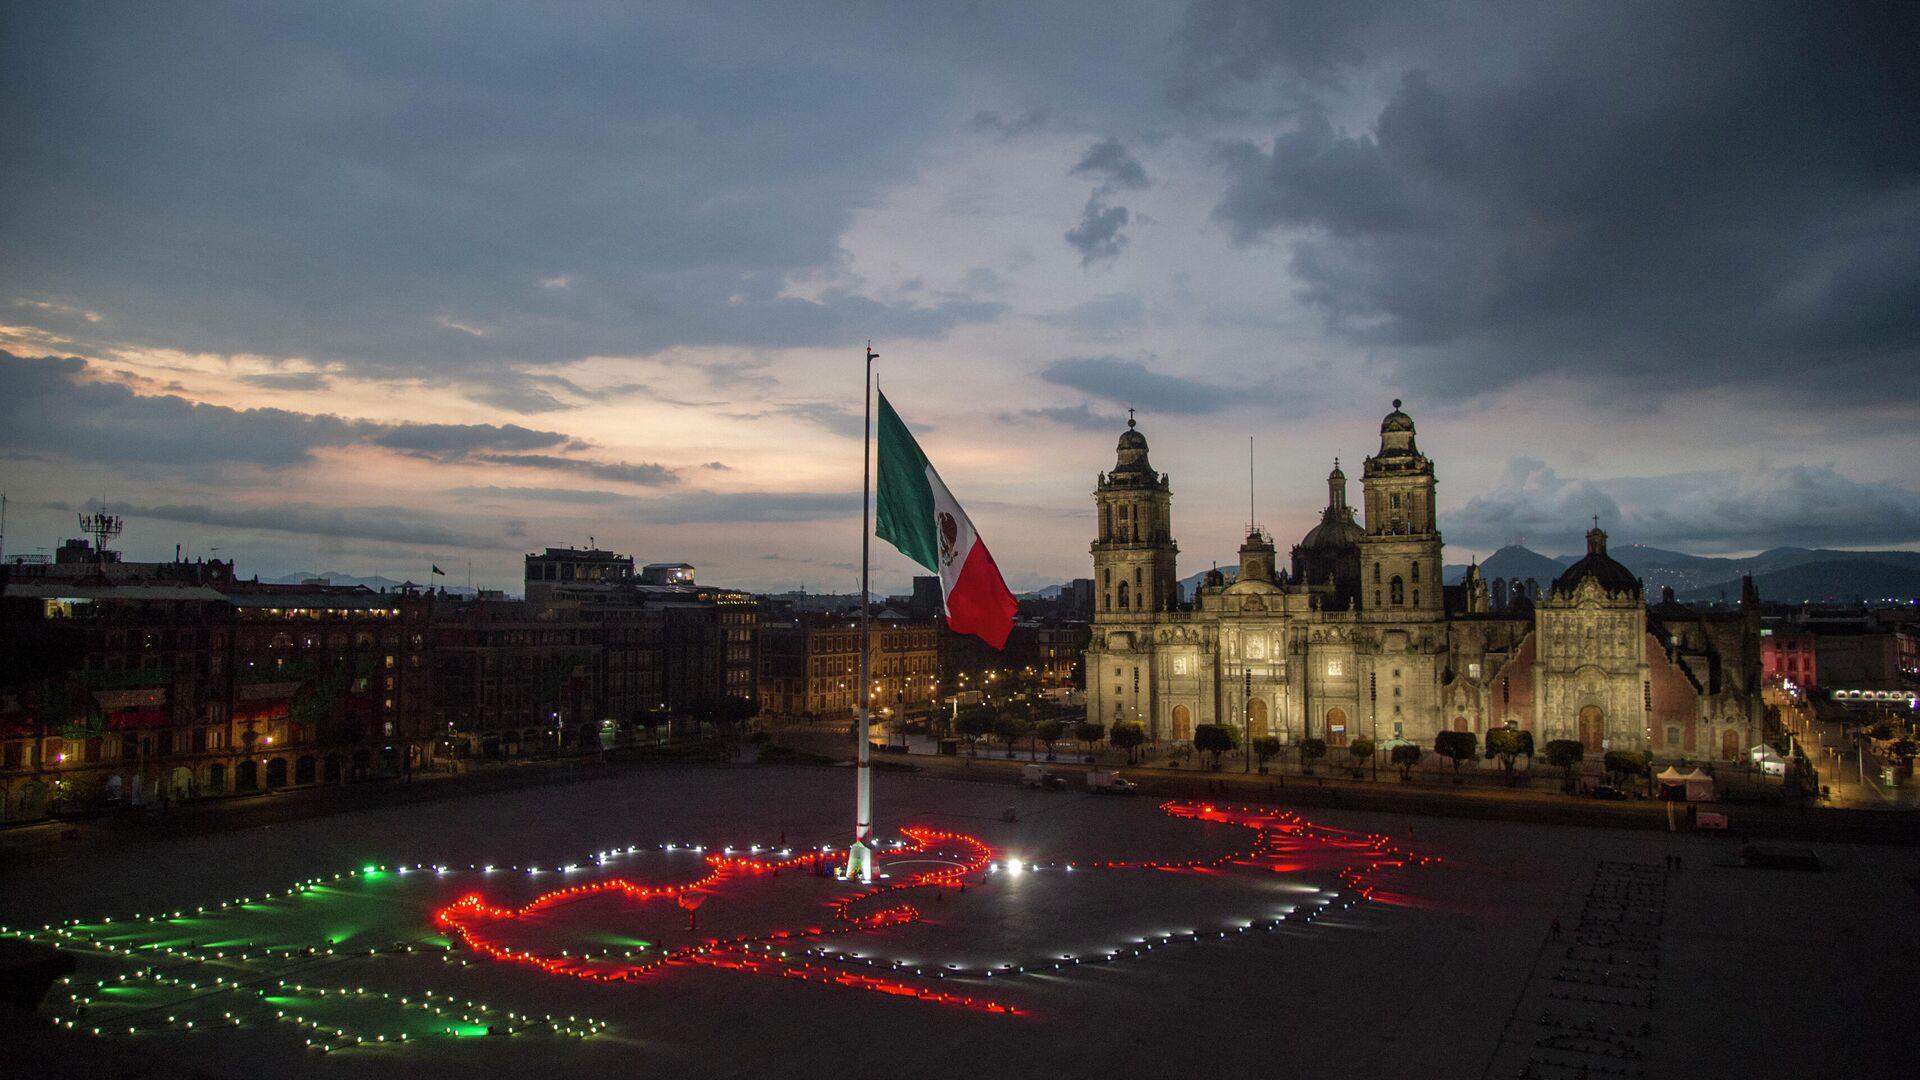 La bandera de México en el Zócalo capitalino durante la celebración del Día de lndependencia - Sputnik Mundo, 1920, 25.08.2021